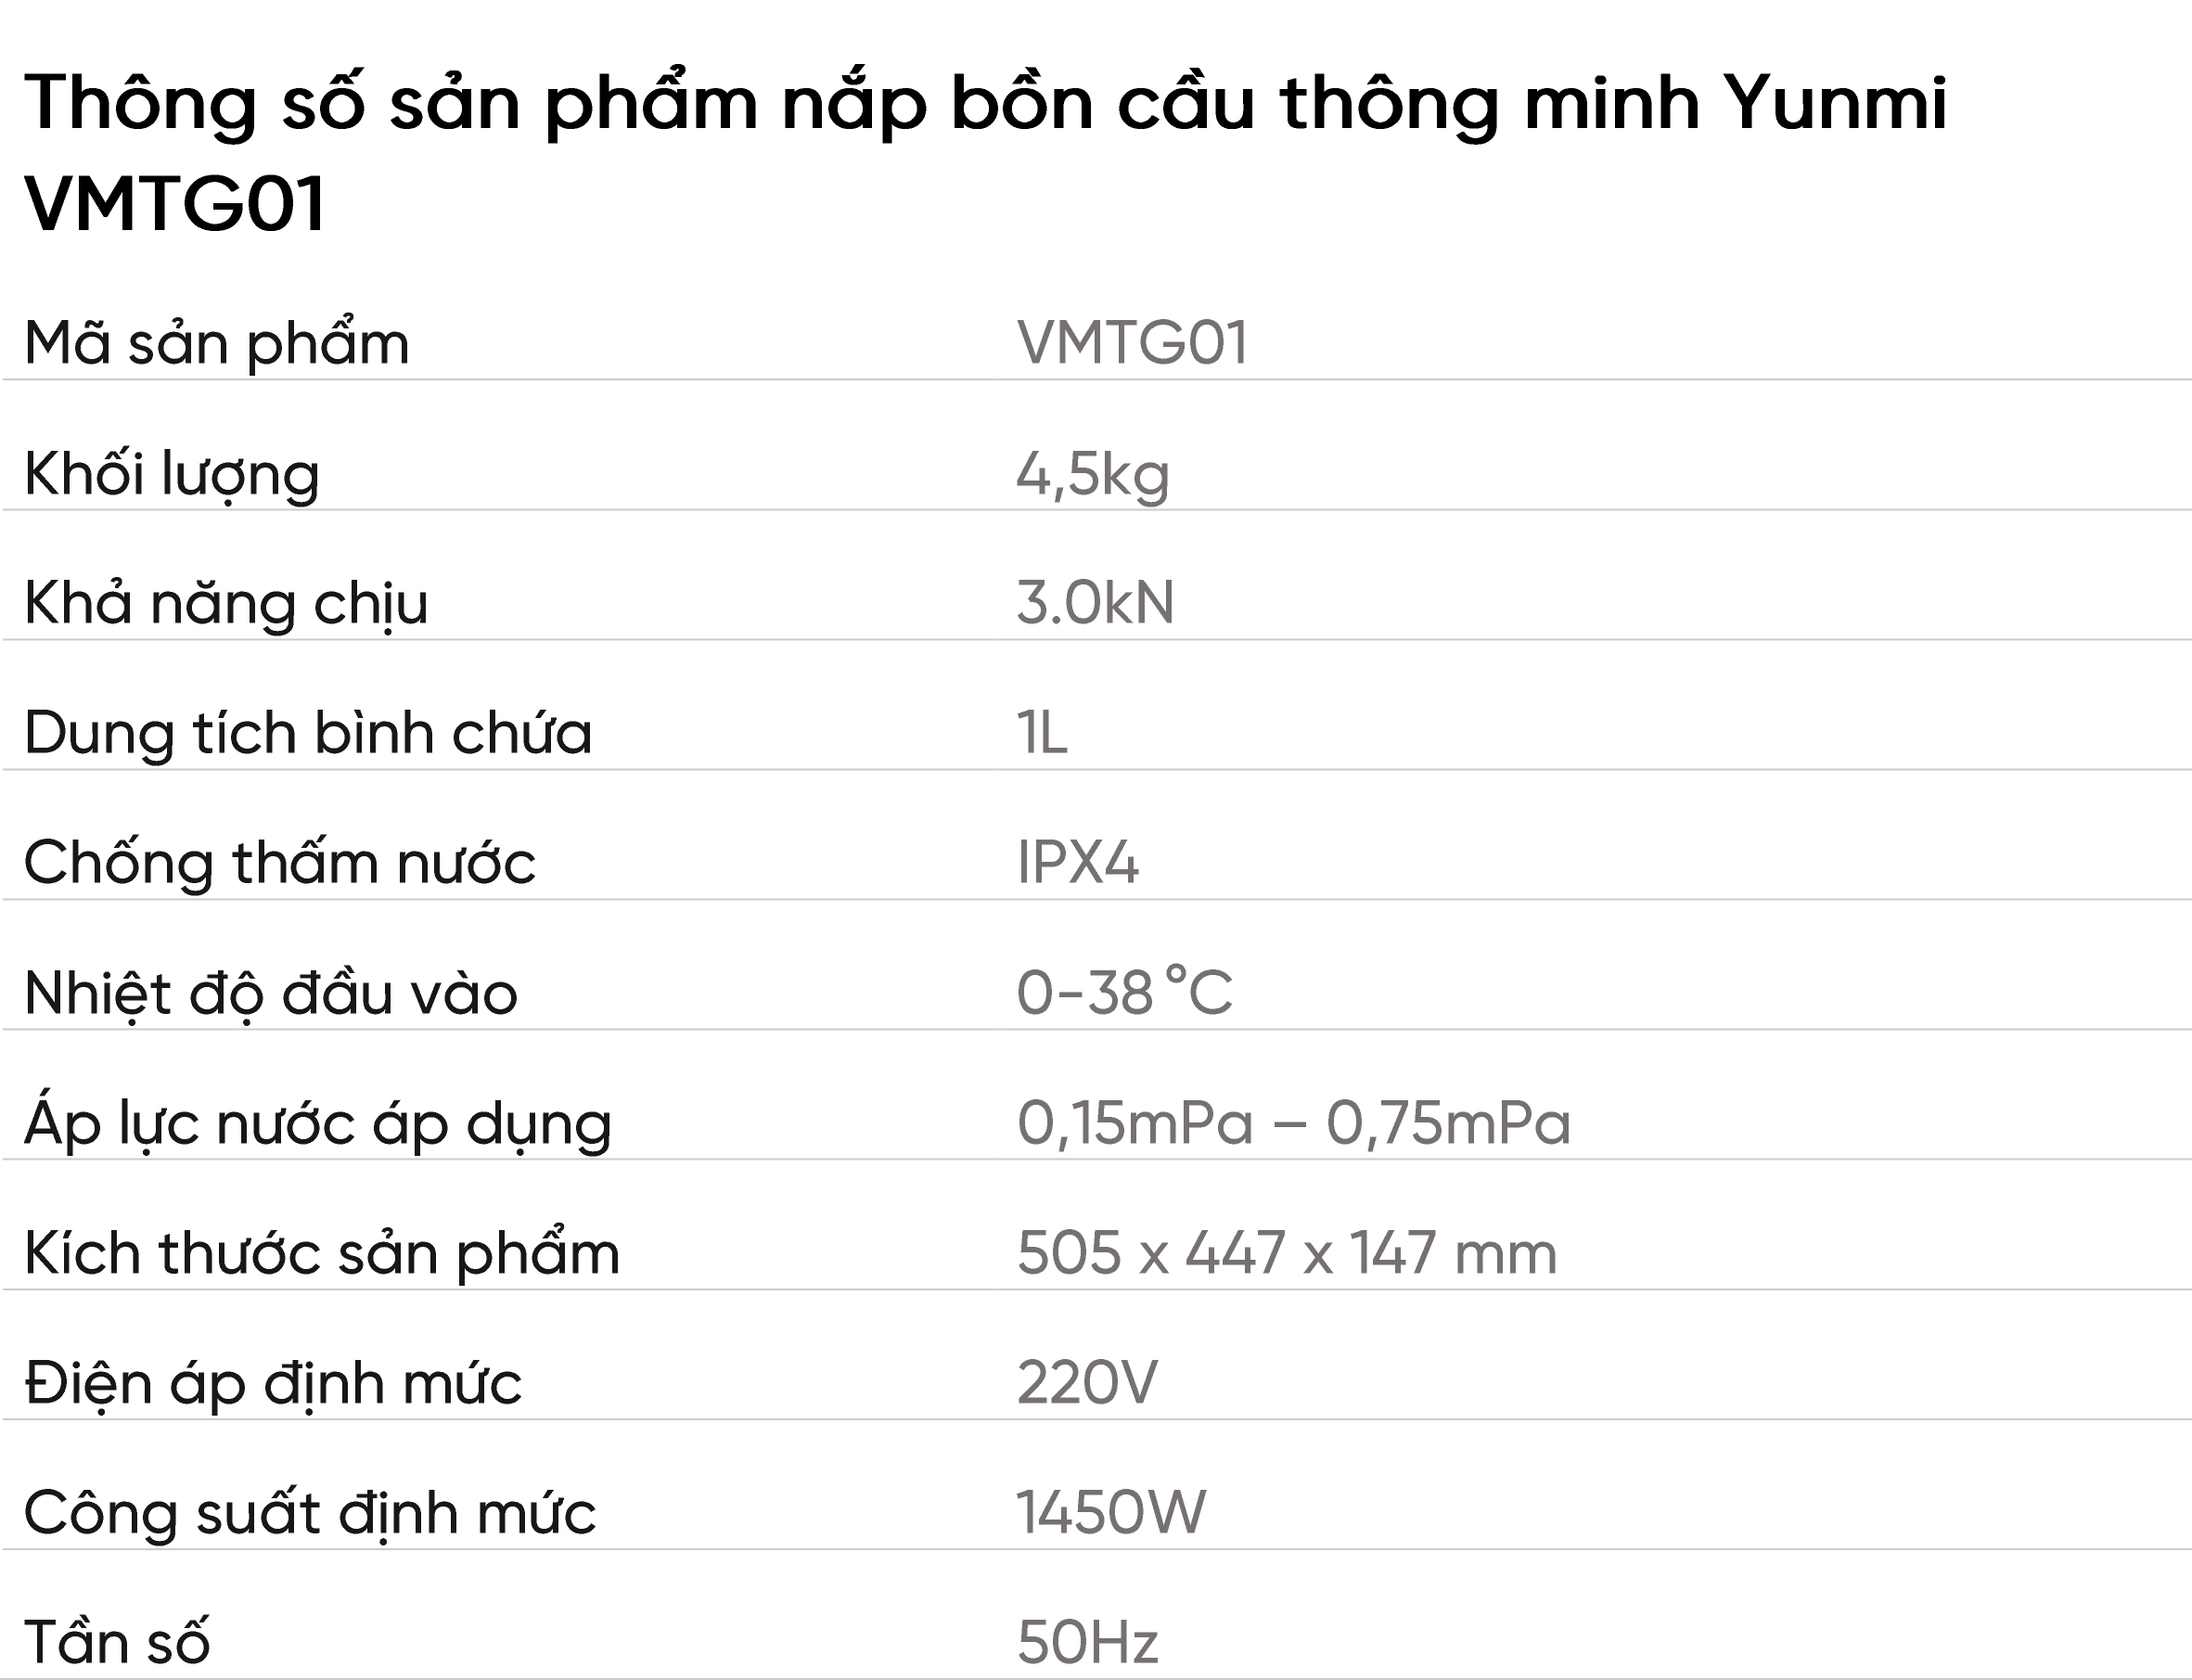 nắp bồn cầu thông minh Yunmi VMTG01